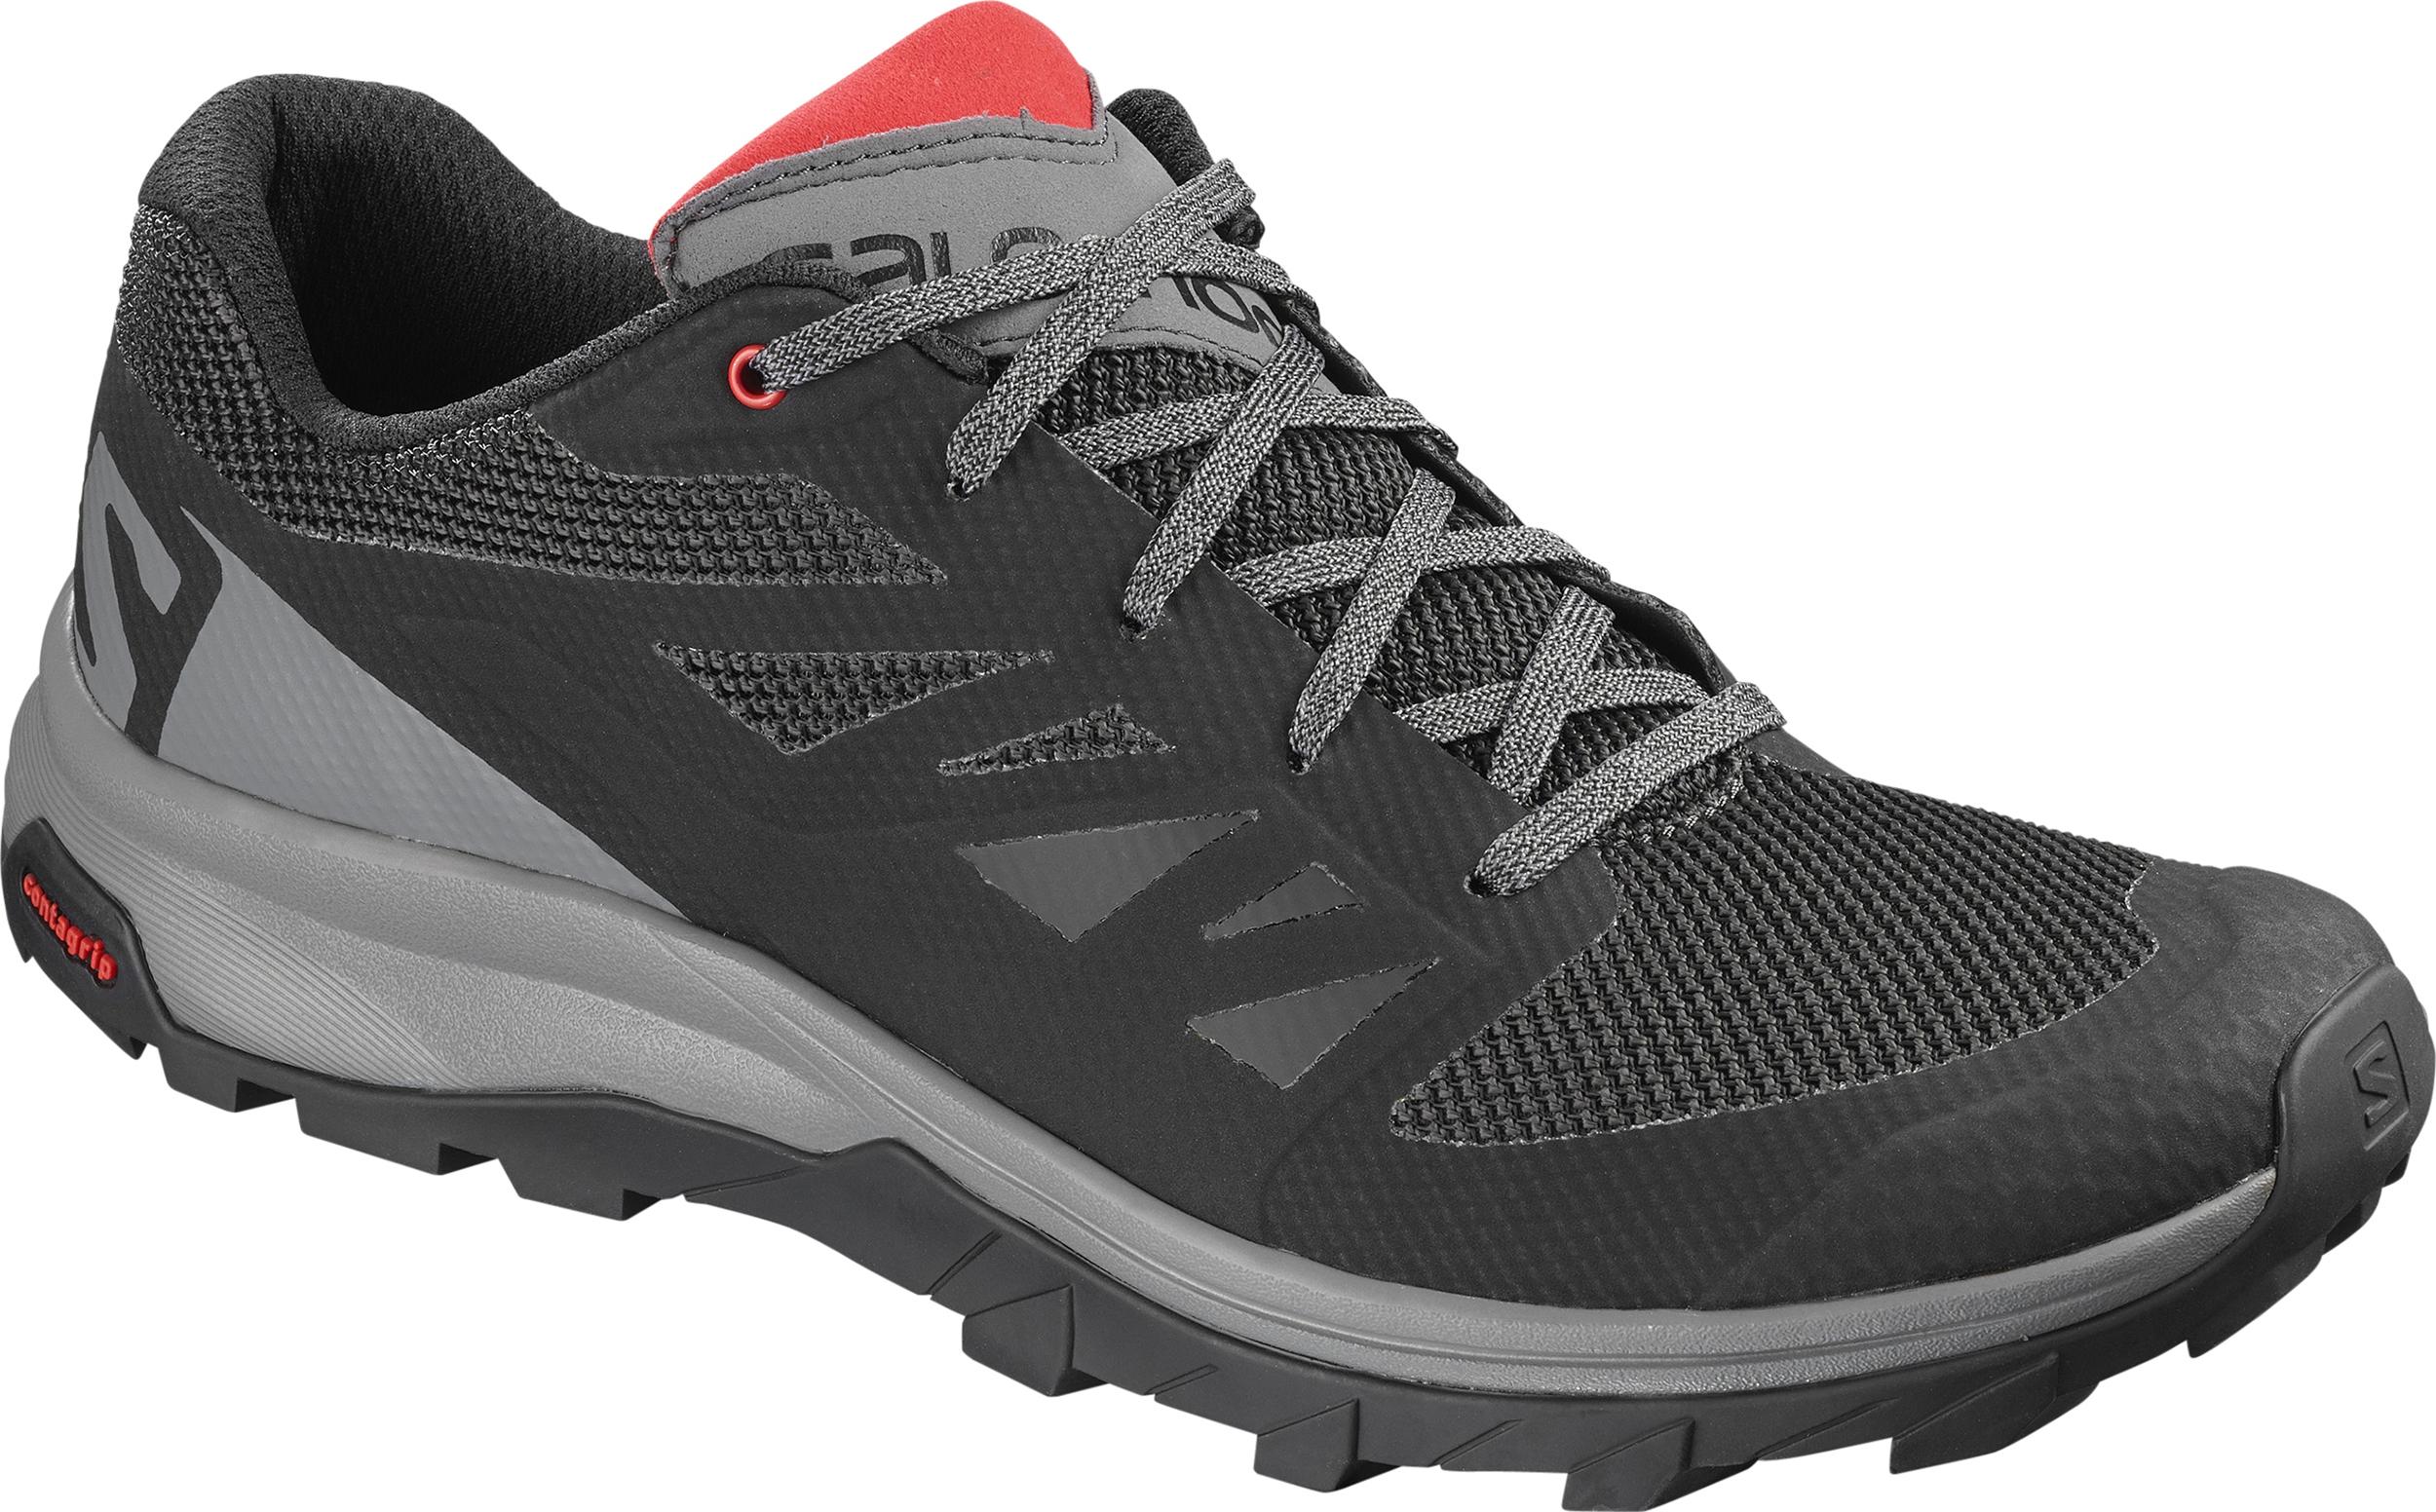 fdaa44e3650 Hiking footwear